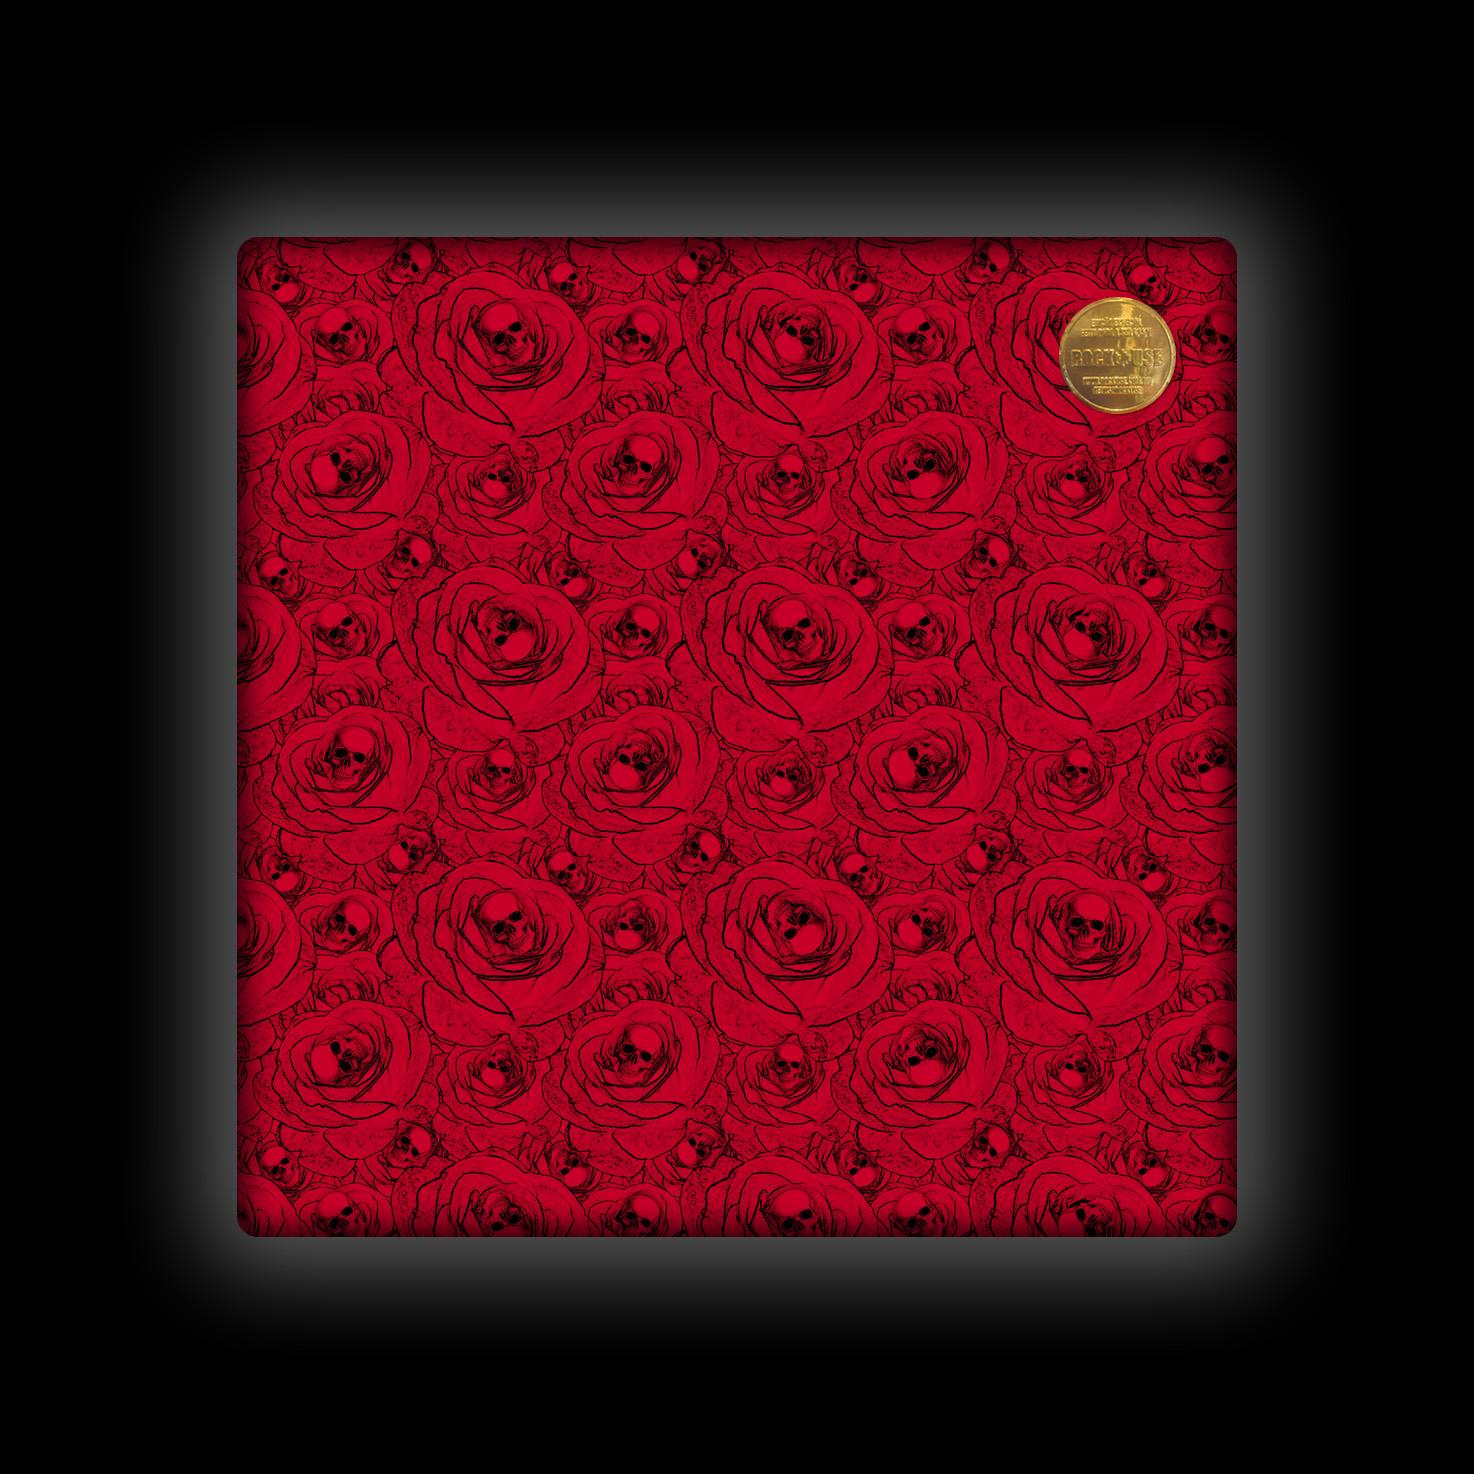 Capa de Almofada Rock Use - Skull & Roses - Vermelha